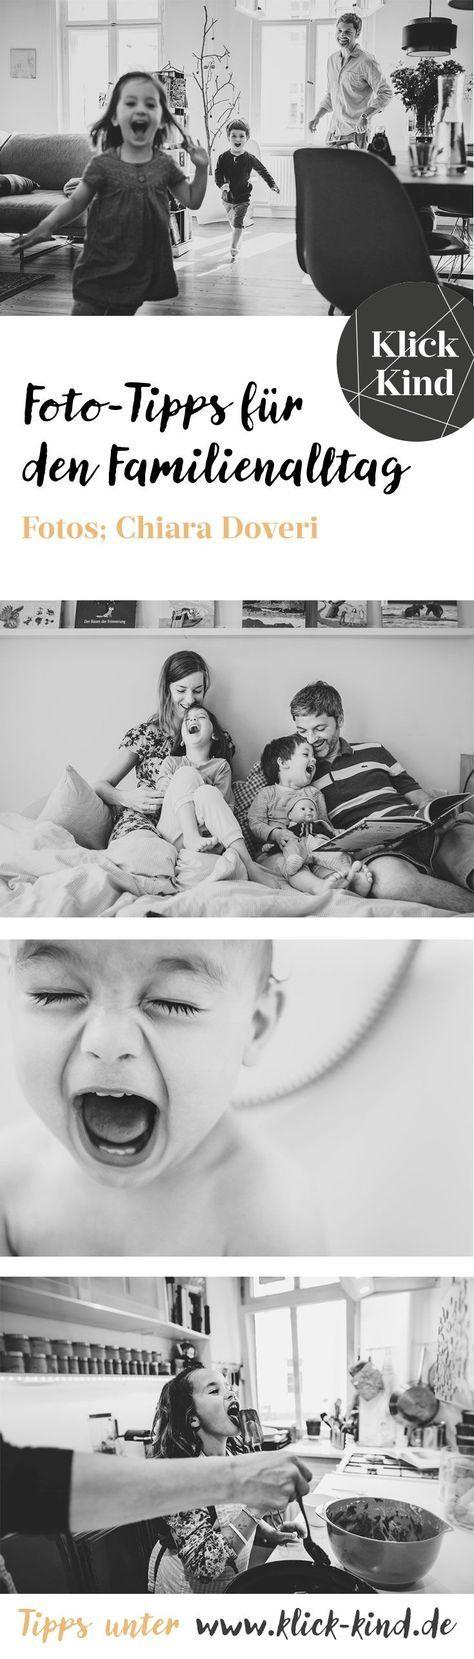 FotoTipps zur Dokumentation eures Familienalltags Mit wundervollen Fotos von